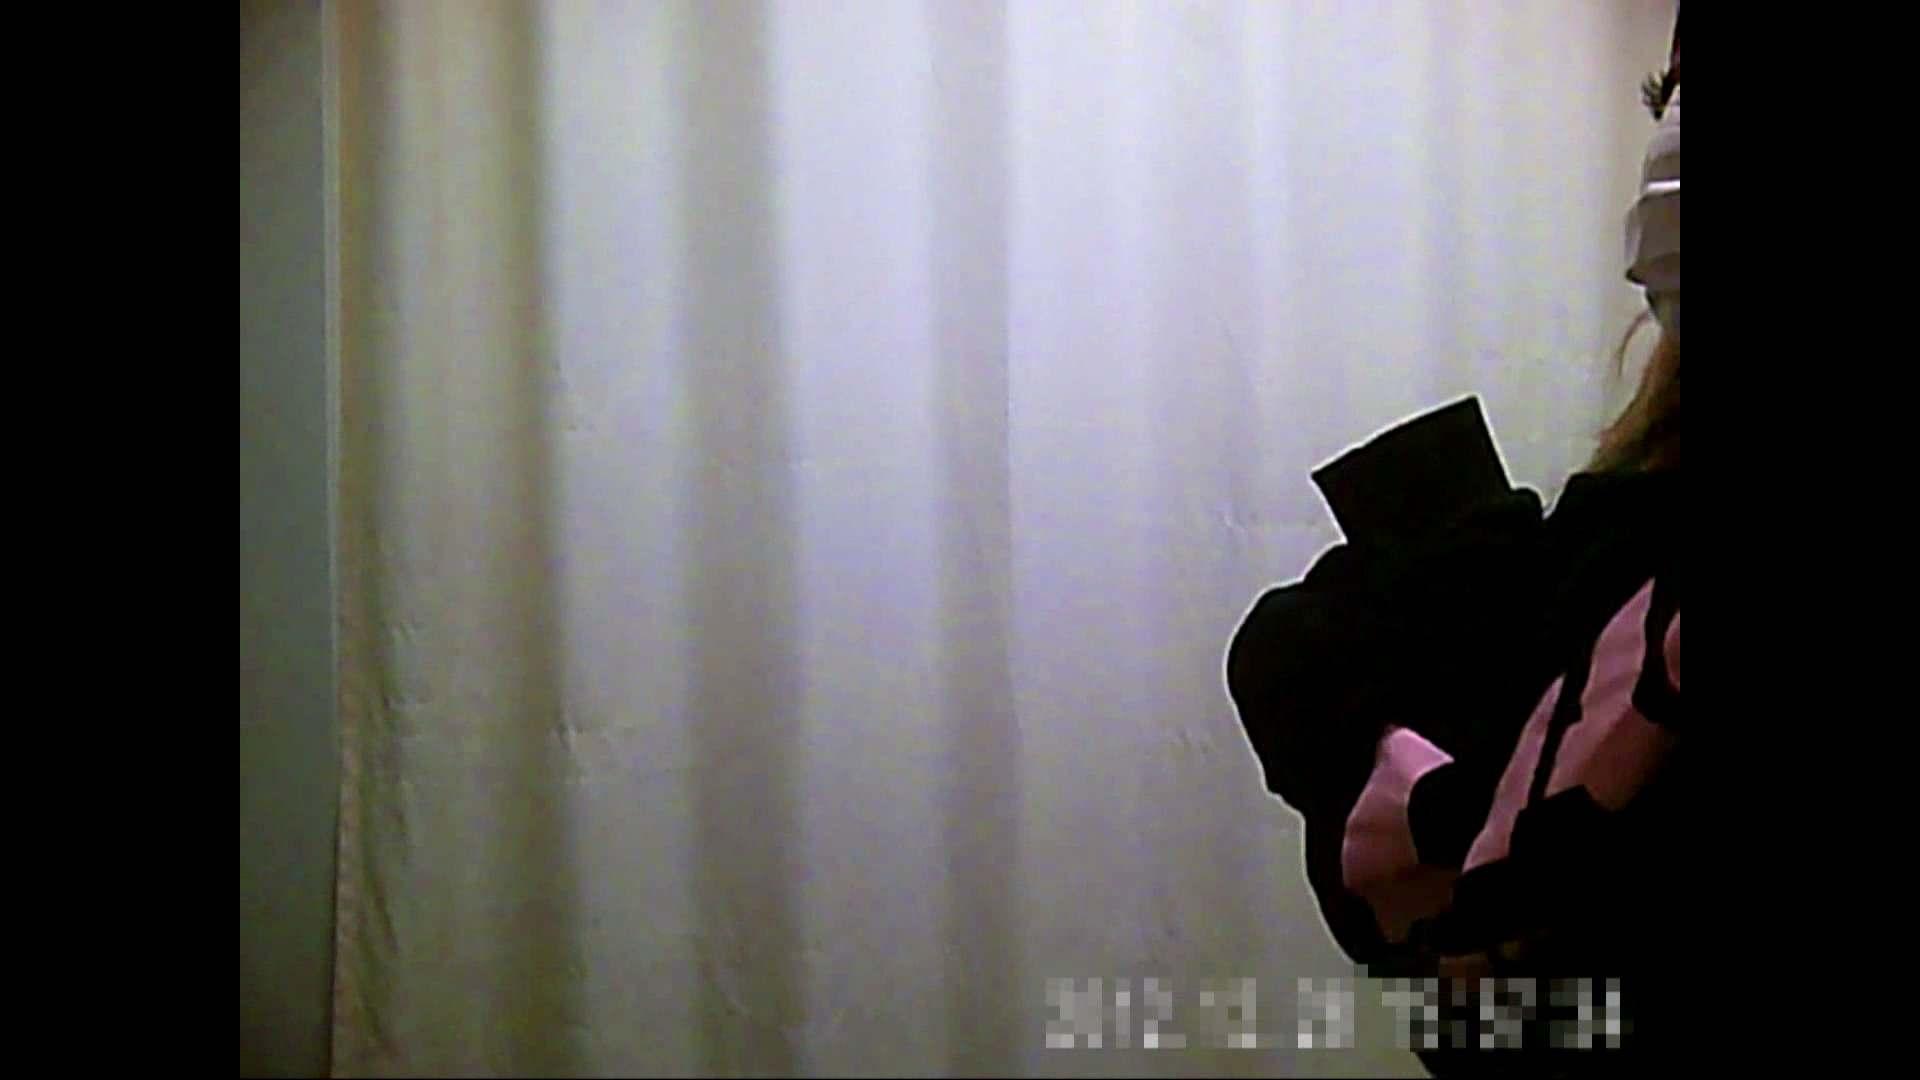 病院おもいっきり着替え! vol.187 貧乳 オメコ無修正動画無料 69PIX 34